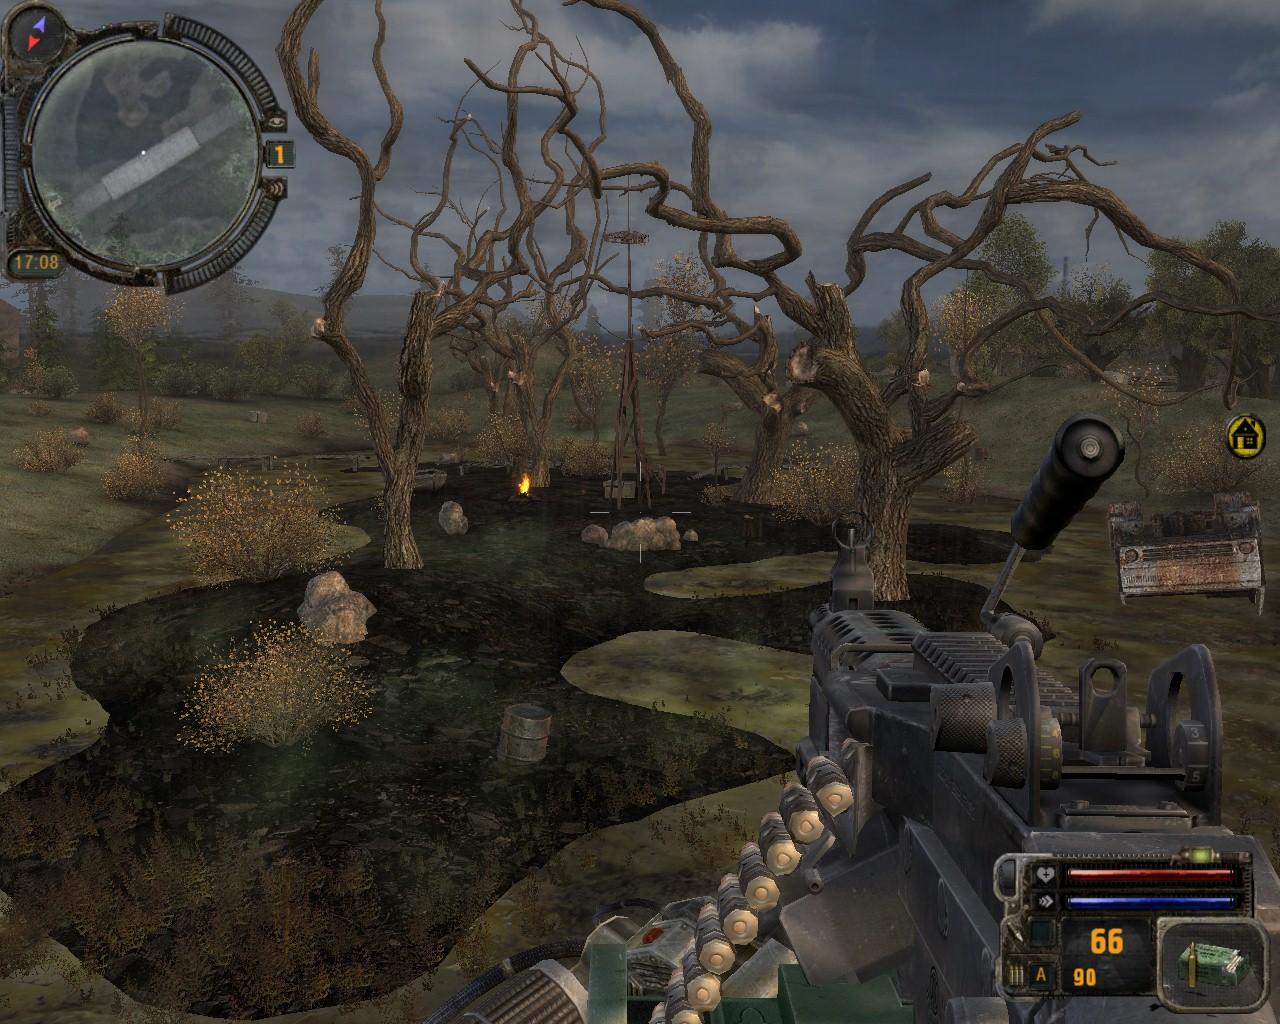 Скачать сталкер с модом снайпер